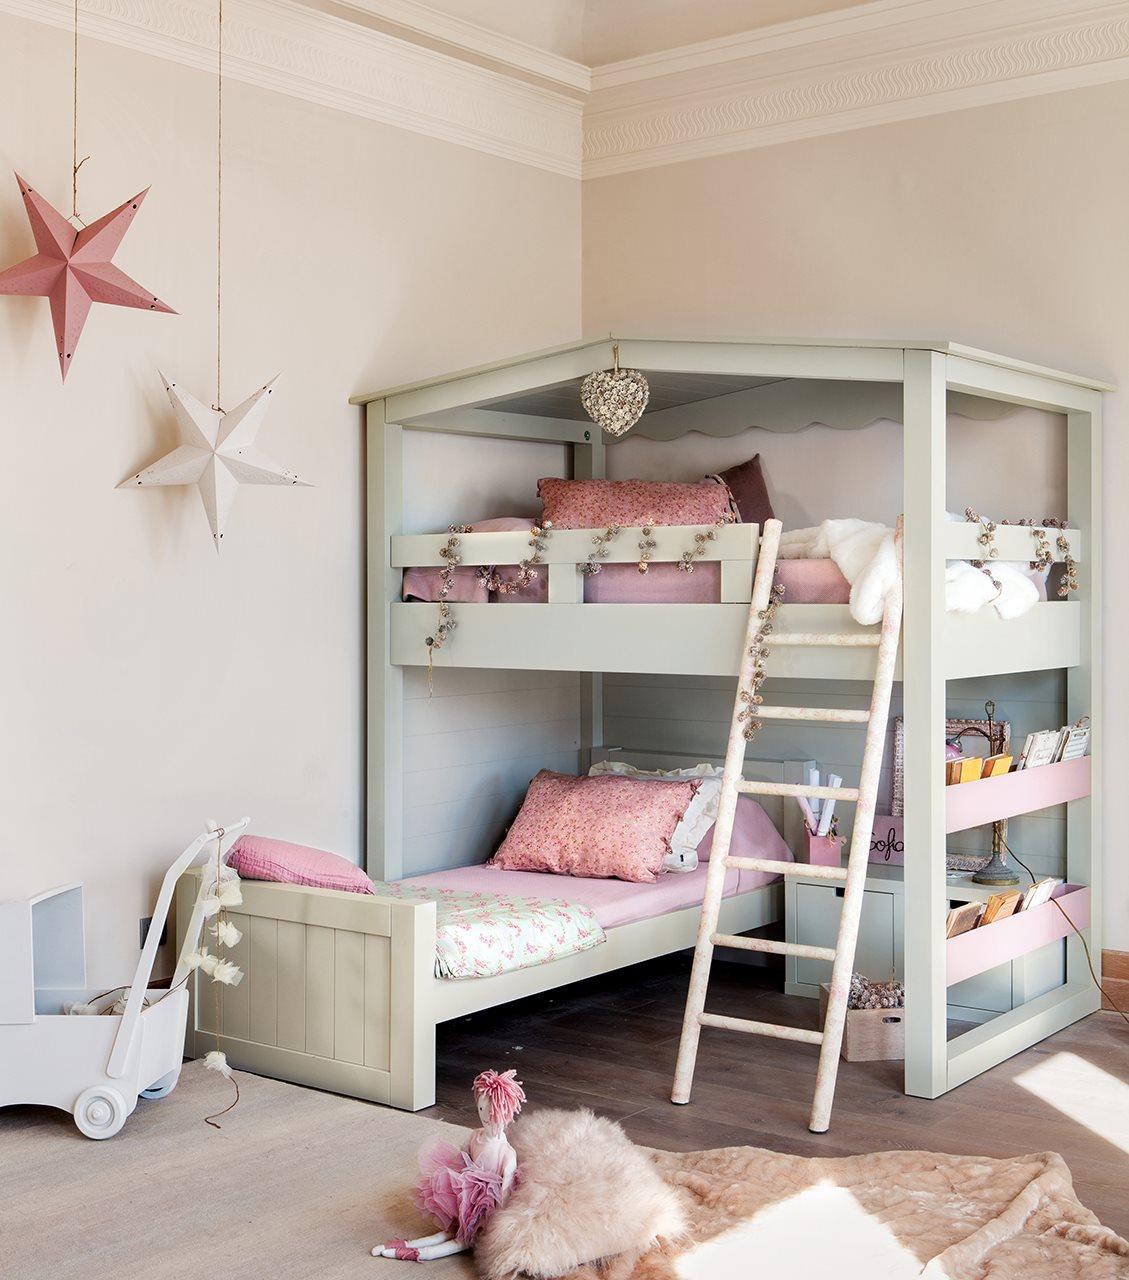 Детская комната для двоих детей: фото + идеи